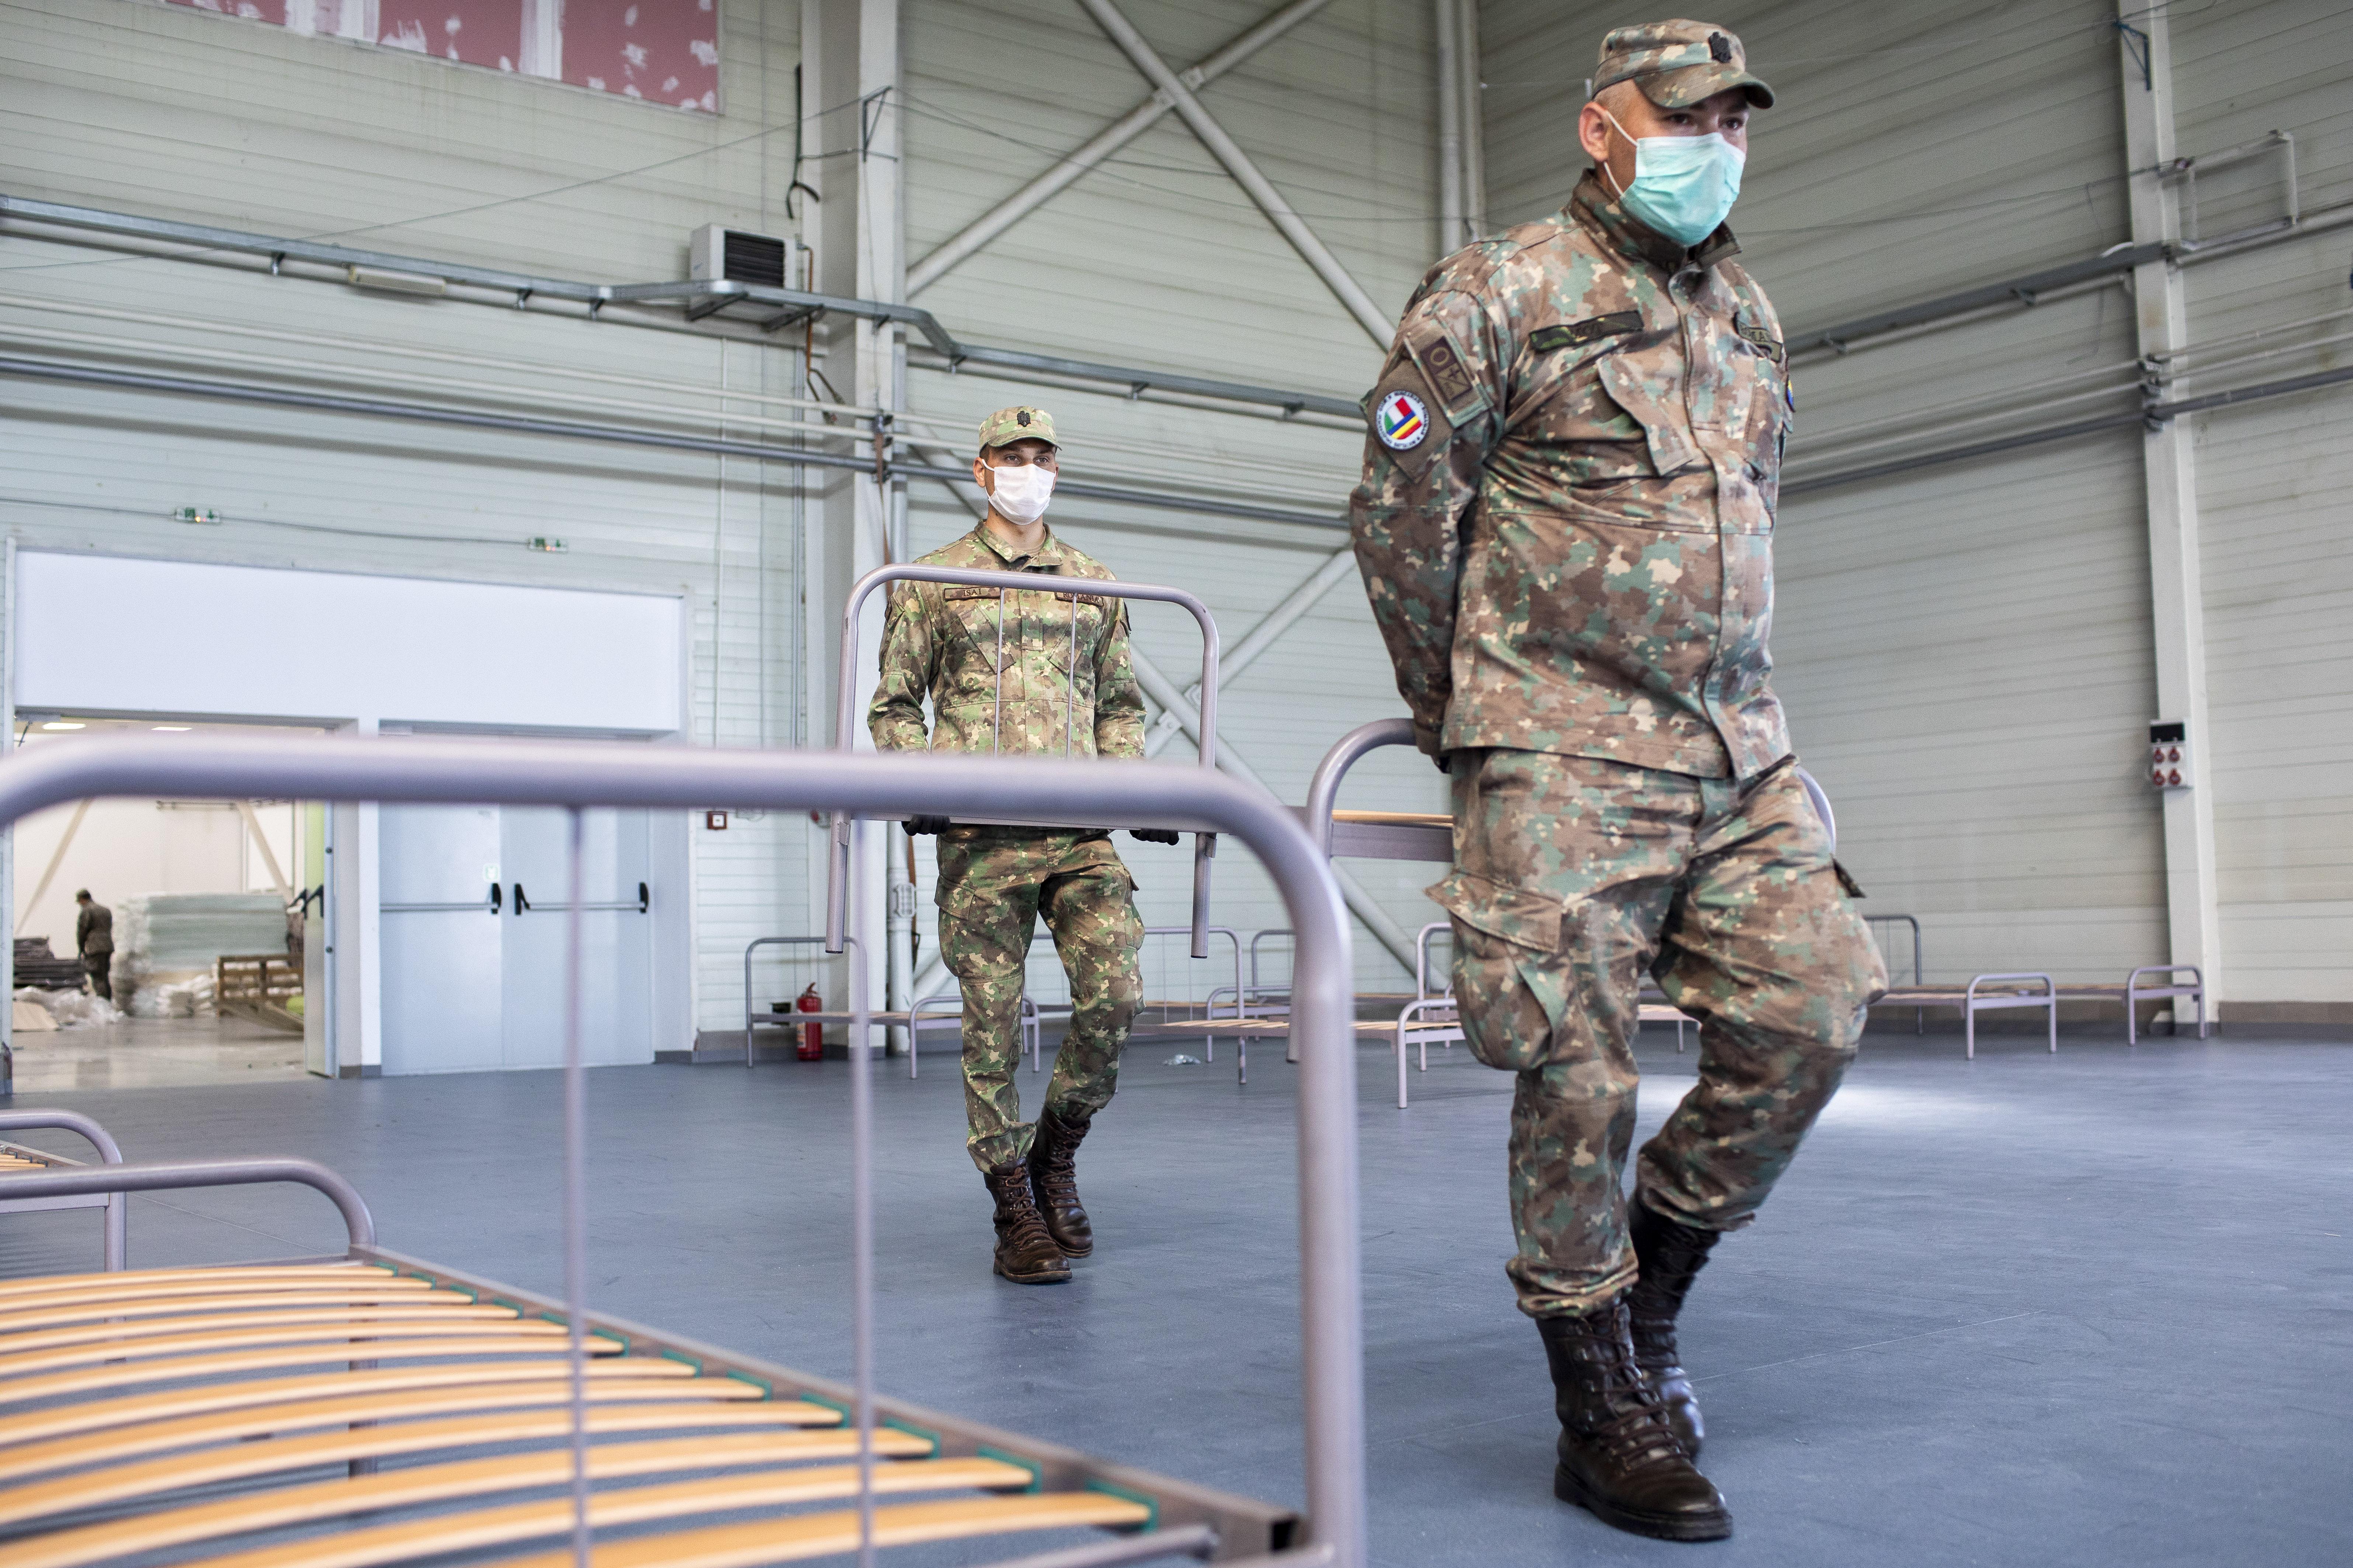 Militari americani au dat buzna într-o companie privată în Bulgaria. Preşedintele aşteaptă o anchetă